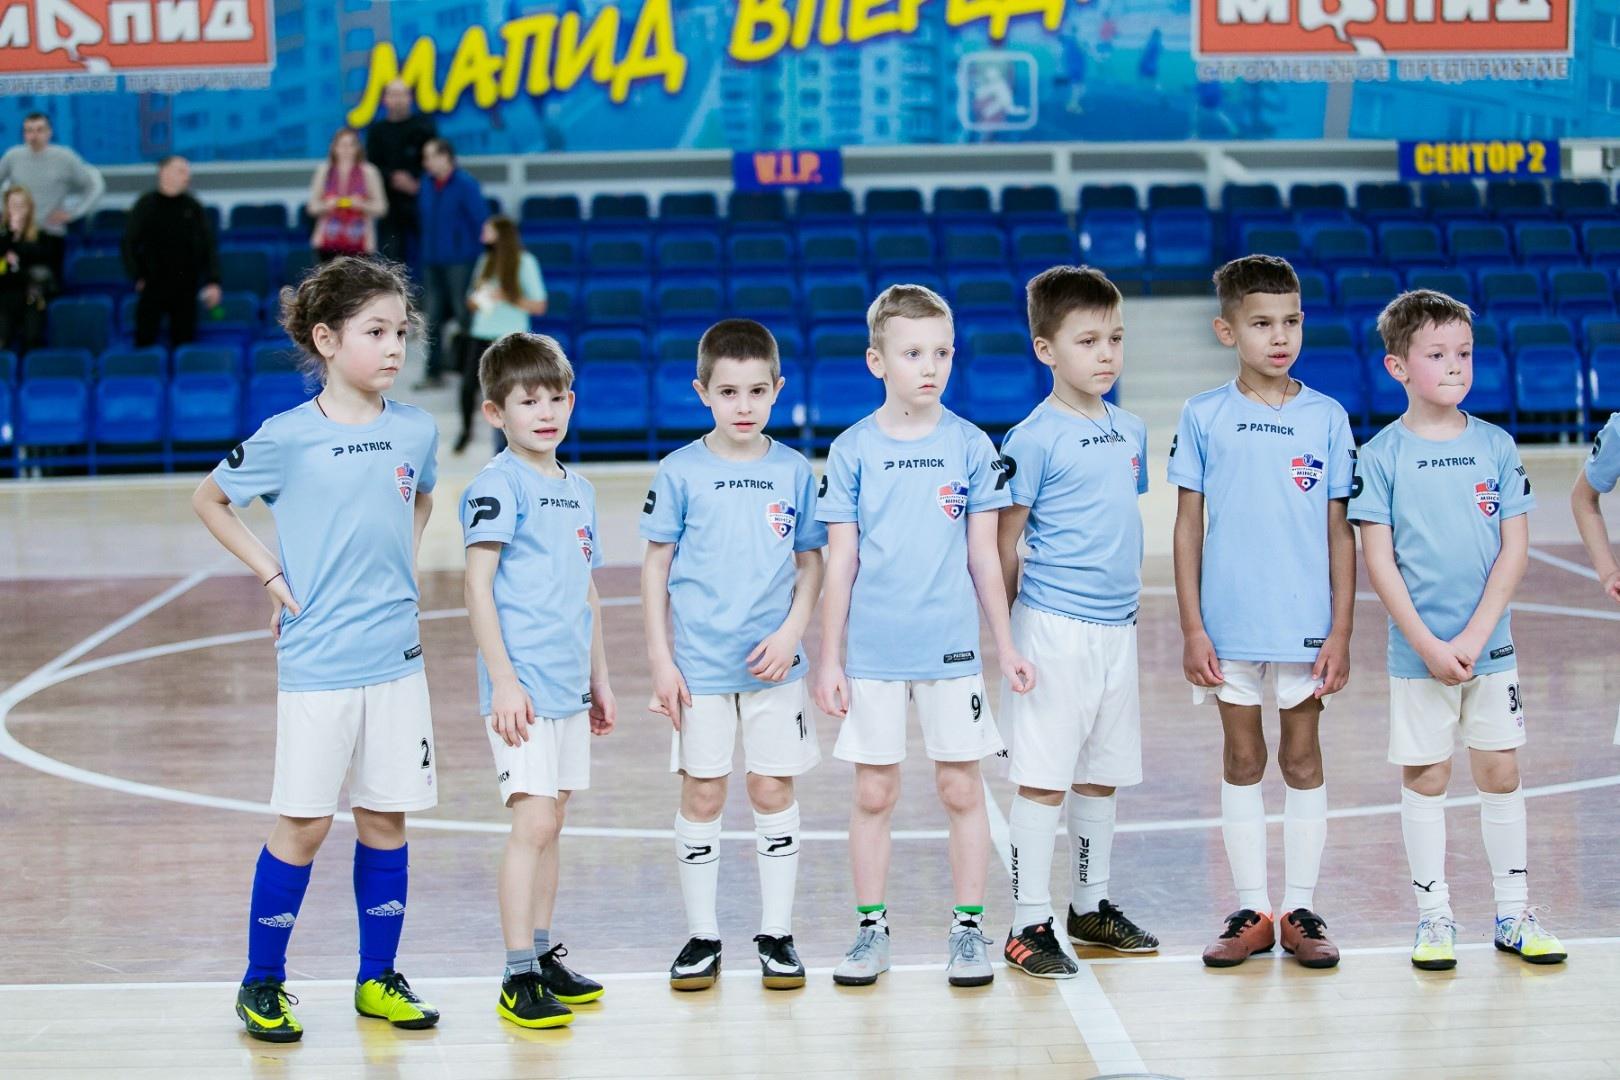 Минск — финалист Кубка Премьерлиги ЮНИ 2014